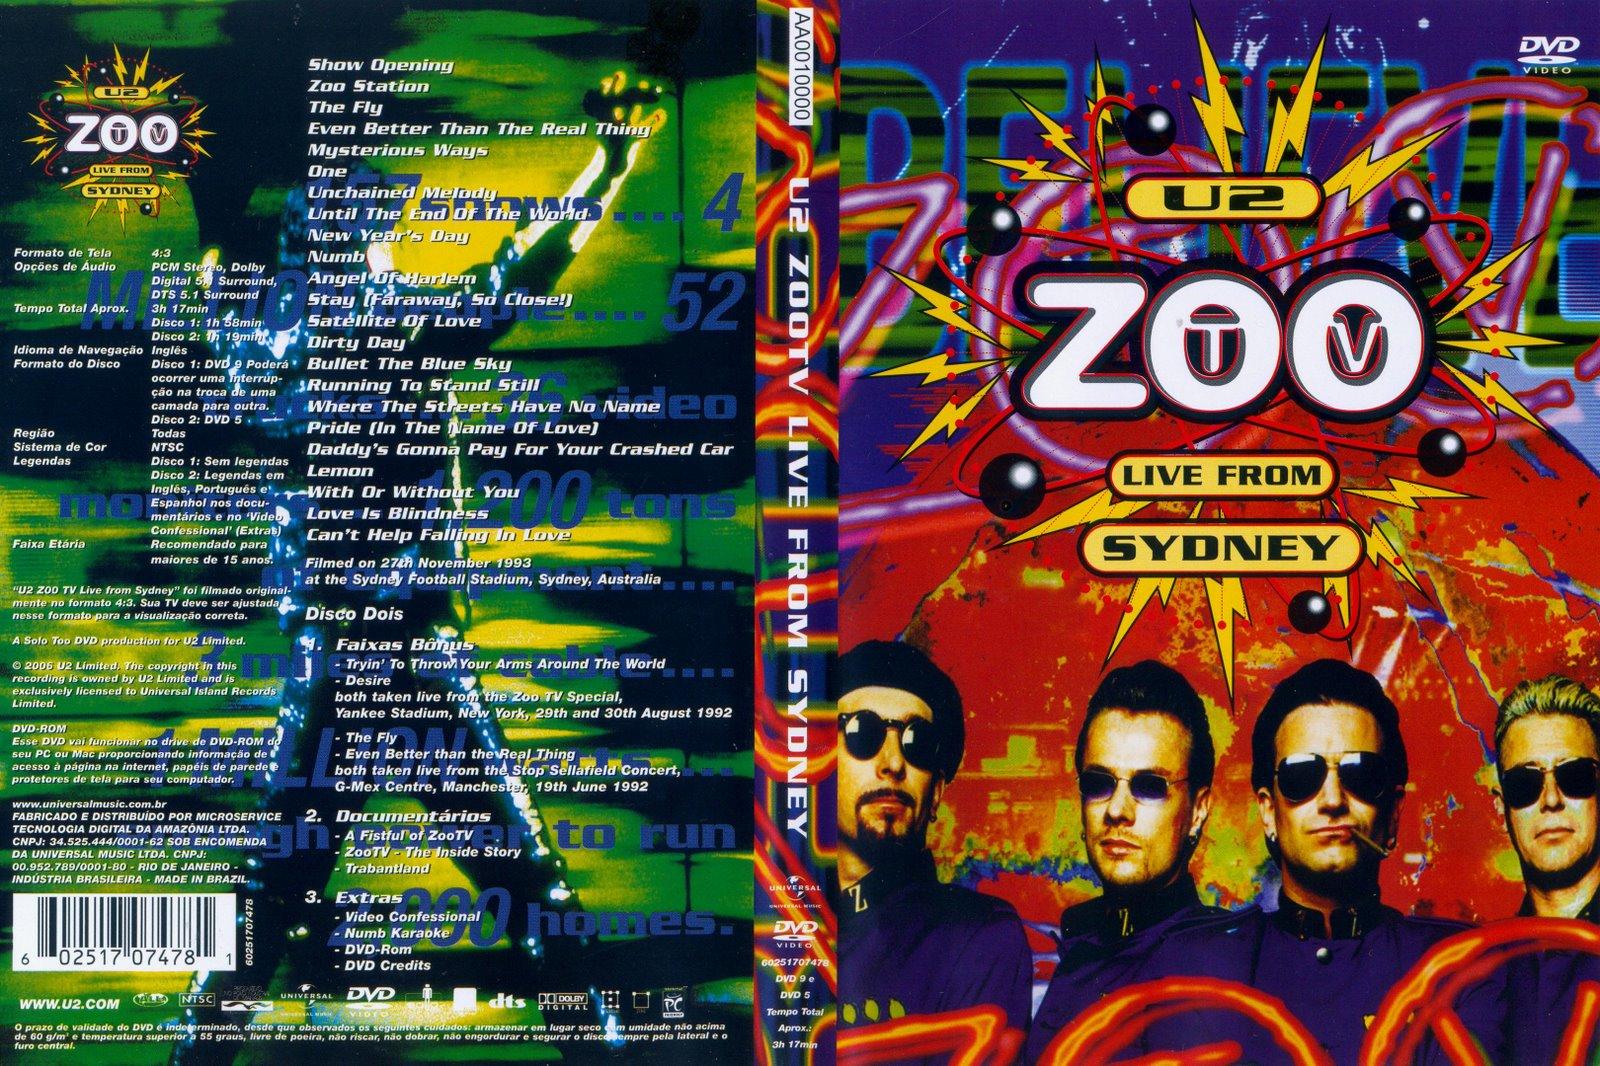 http://4.bp.blogspot.com/_brcl7Spzbn4/S_Eyd5ahcRI/AAAAAAAAAYw/IDKYpHnOtRk/s1600/U2_-_Zoo_TV_-_Live_From_Sydney.jpg